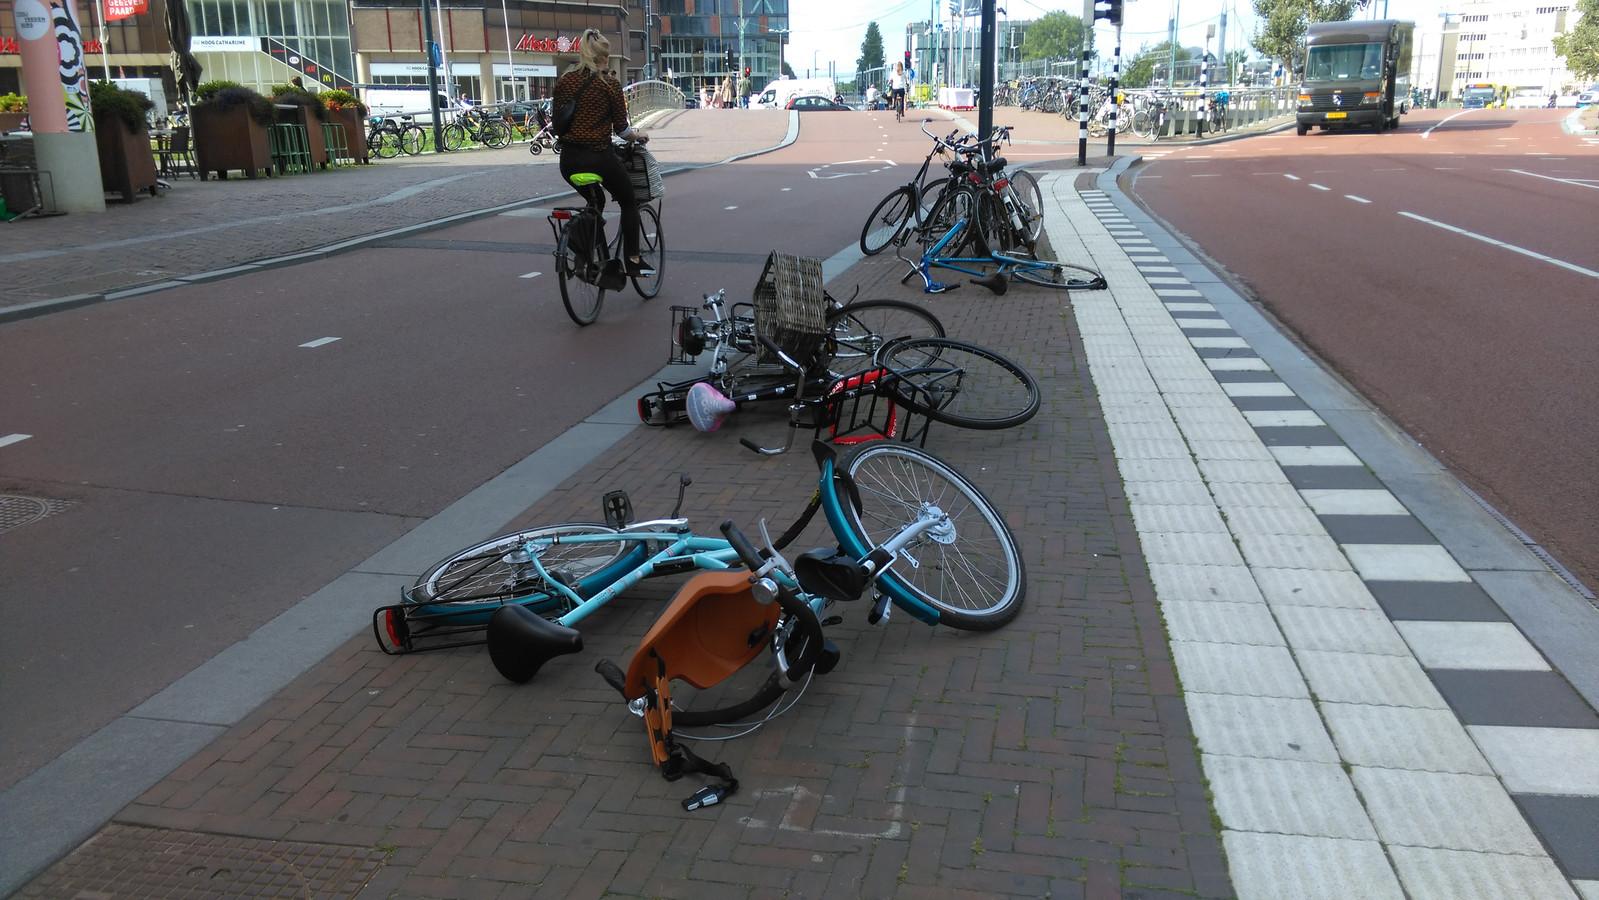 Omgewaaide fietsen in de Utrechtse binnenstad.